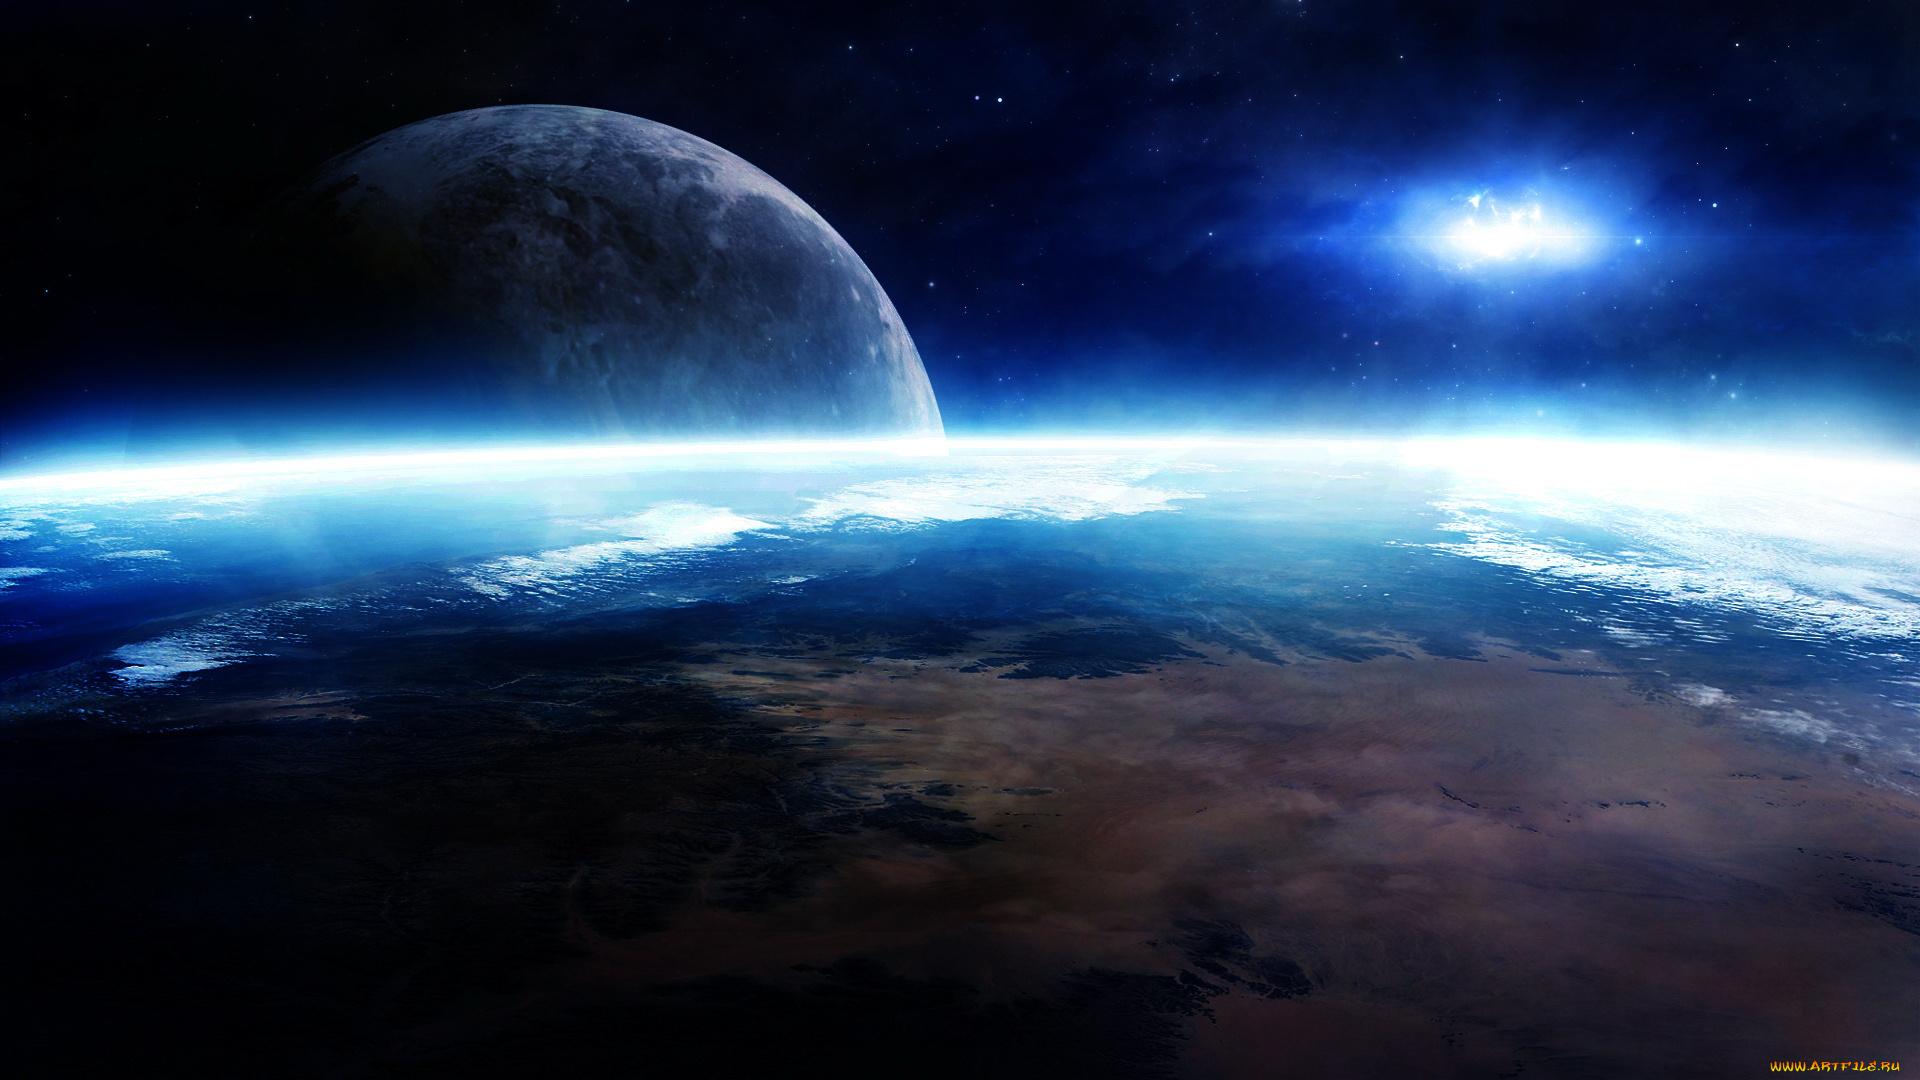 Обои Планеты и спутники над землей картинки на рабочий стол на тему Космос - скачать загрузить